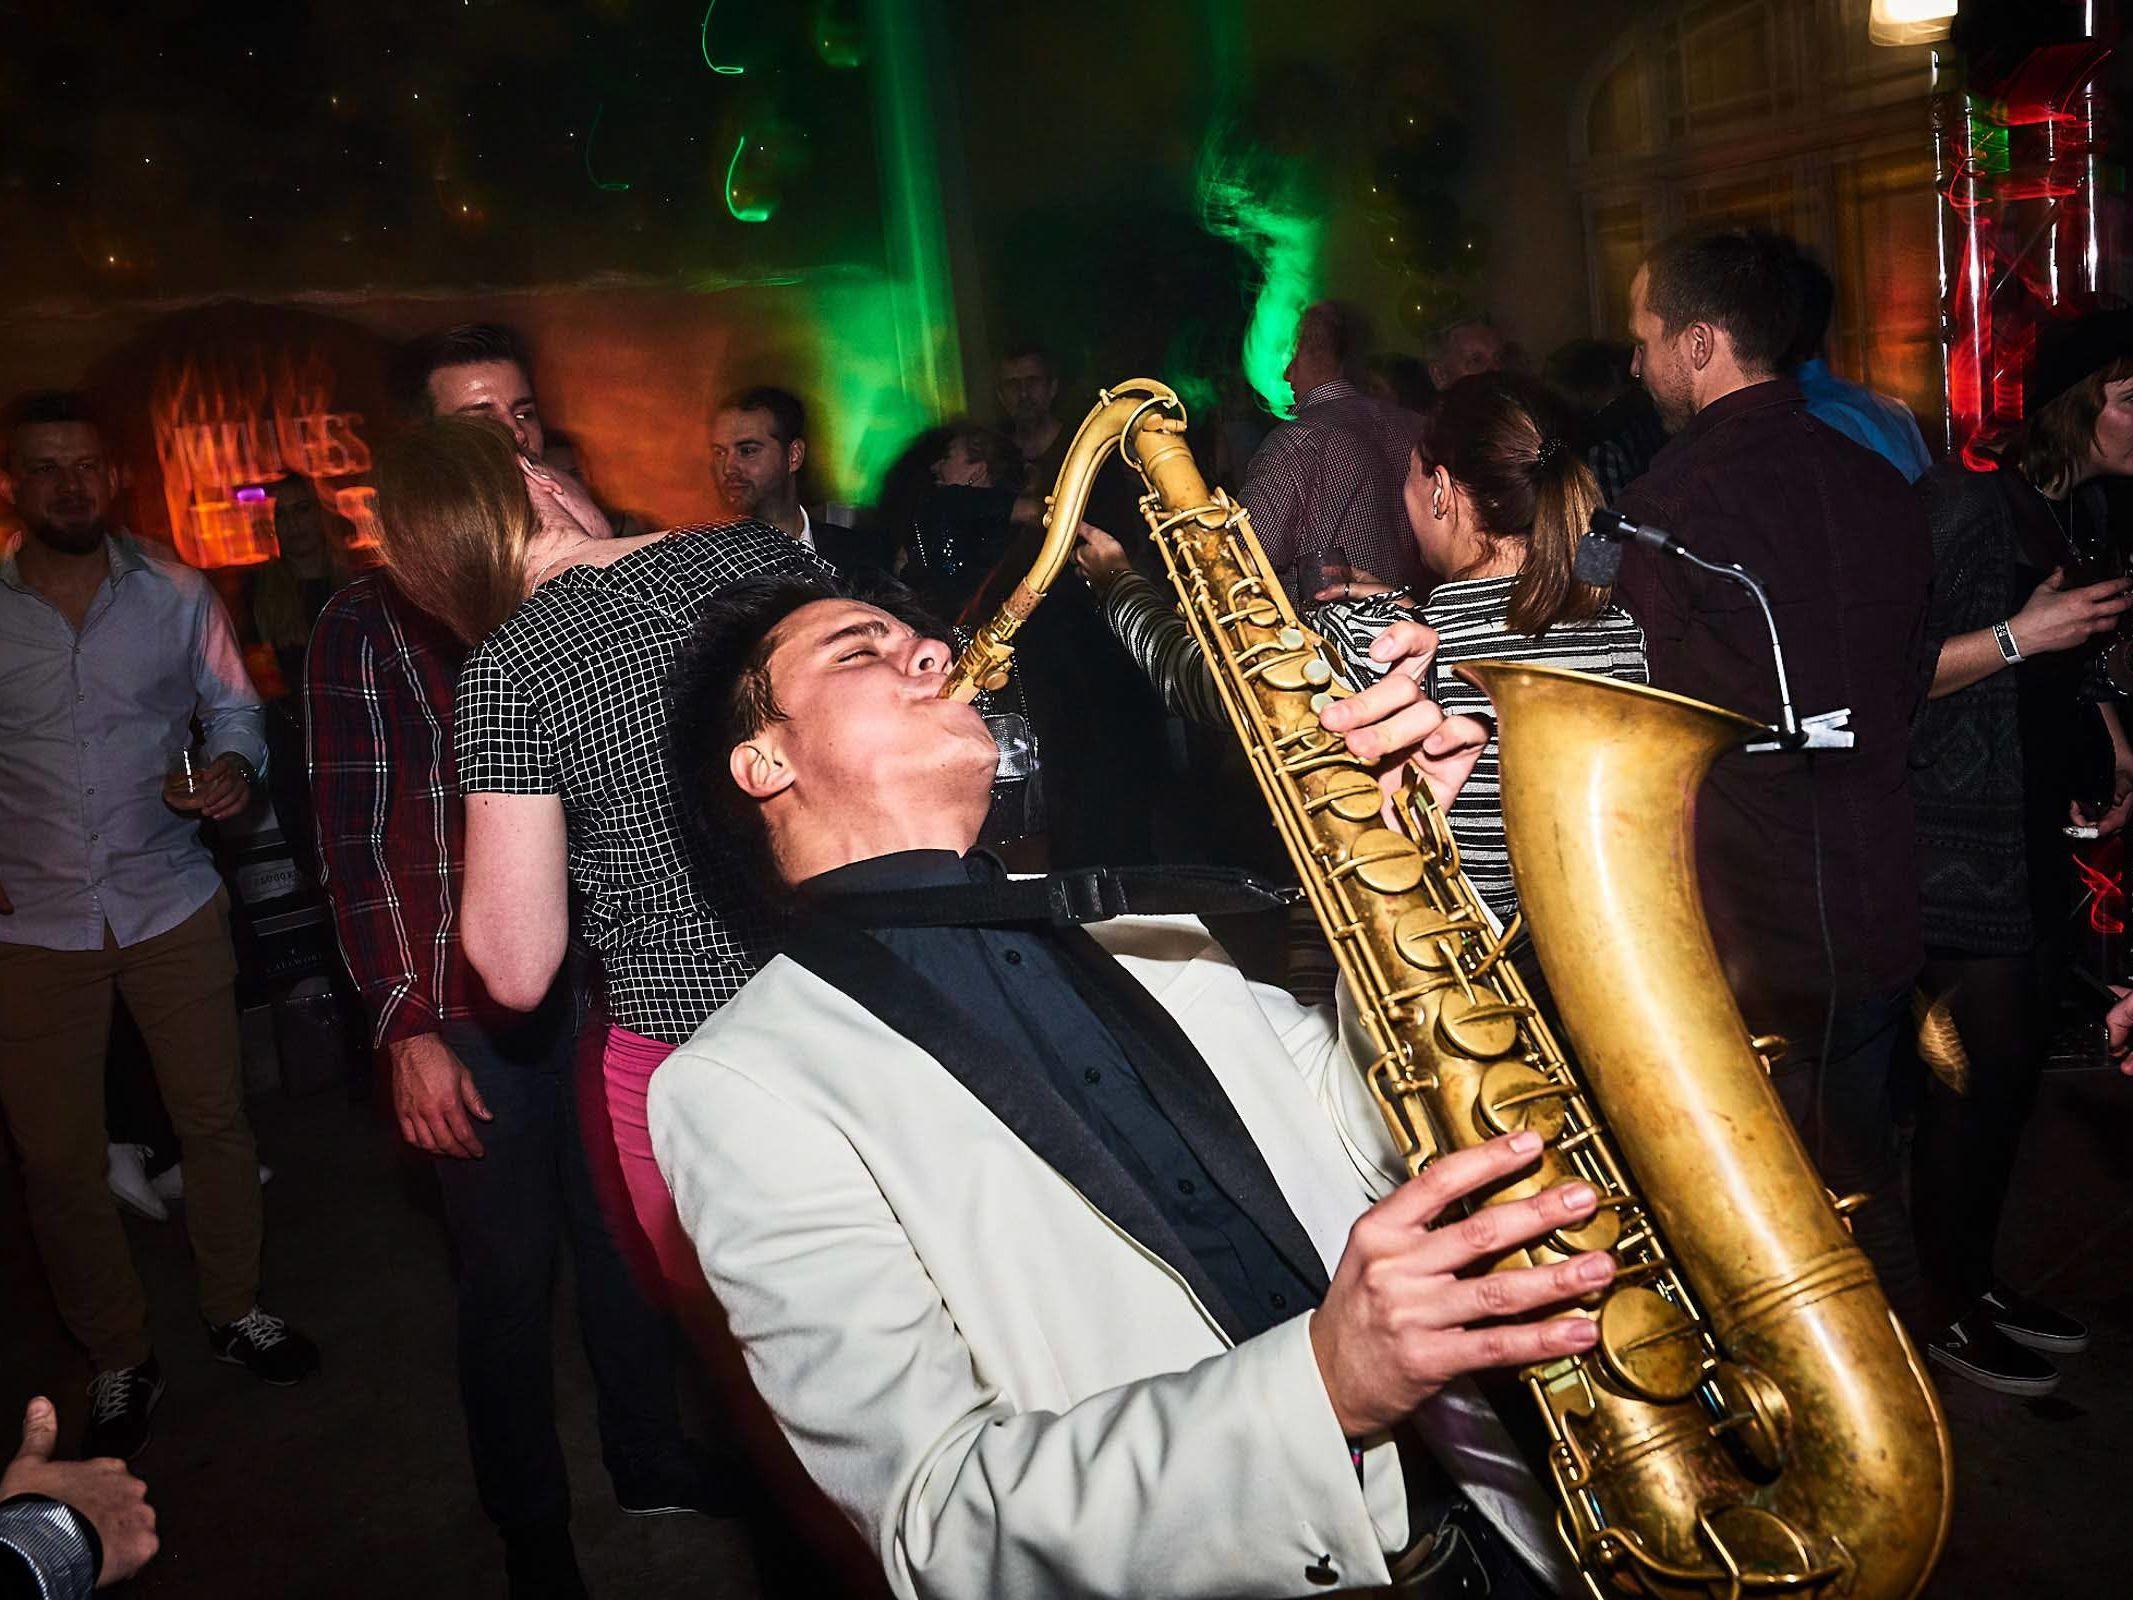 Saxophonist |Saxophon |Hannover |Hochzeit |Empfang |Trauung |Party |Buchen |Livemusik |Jazz |House |Swing |Pop |Hochzeit |Empfang |Messe |Firmenfeier |Mieten |Anfragen |Lehmann |Eventservice